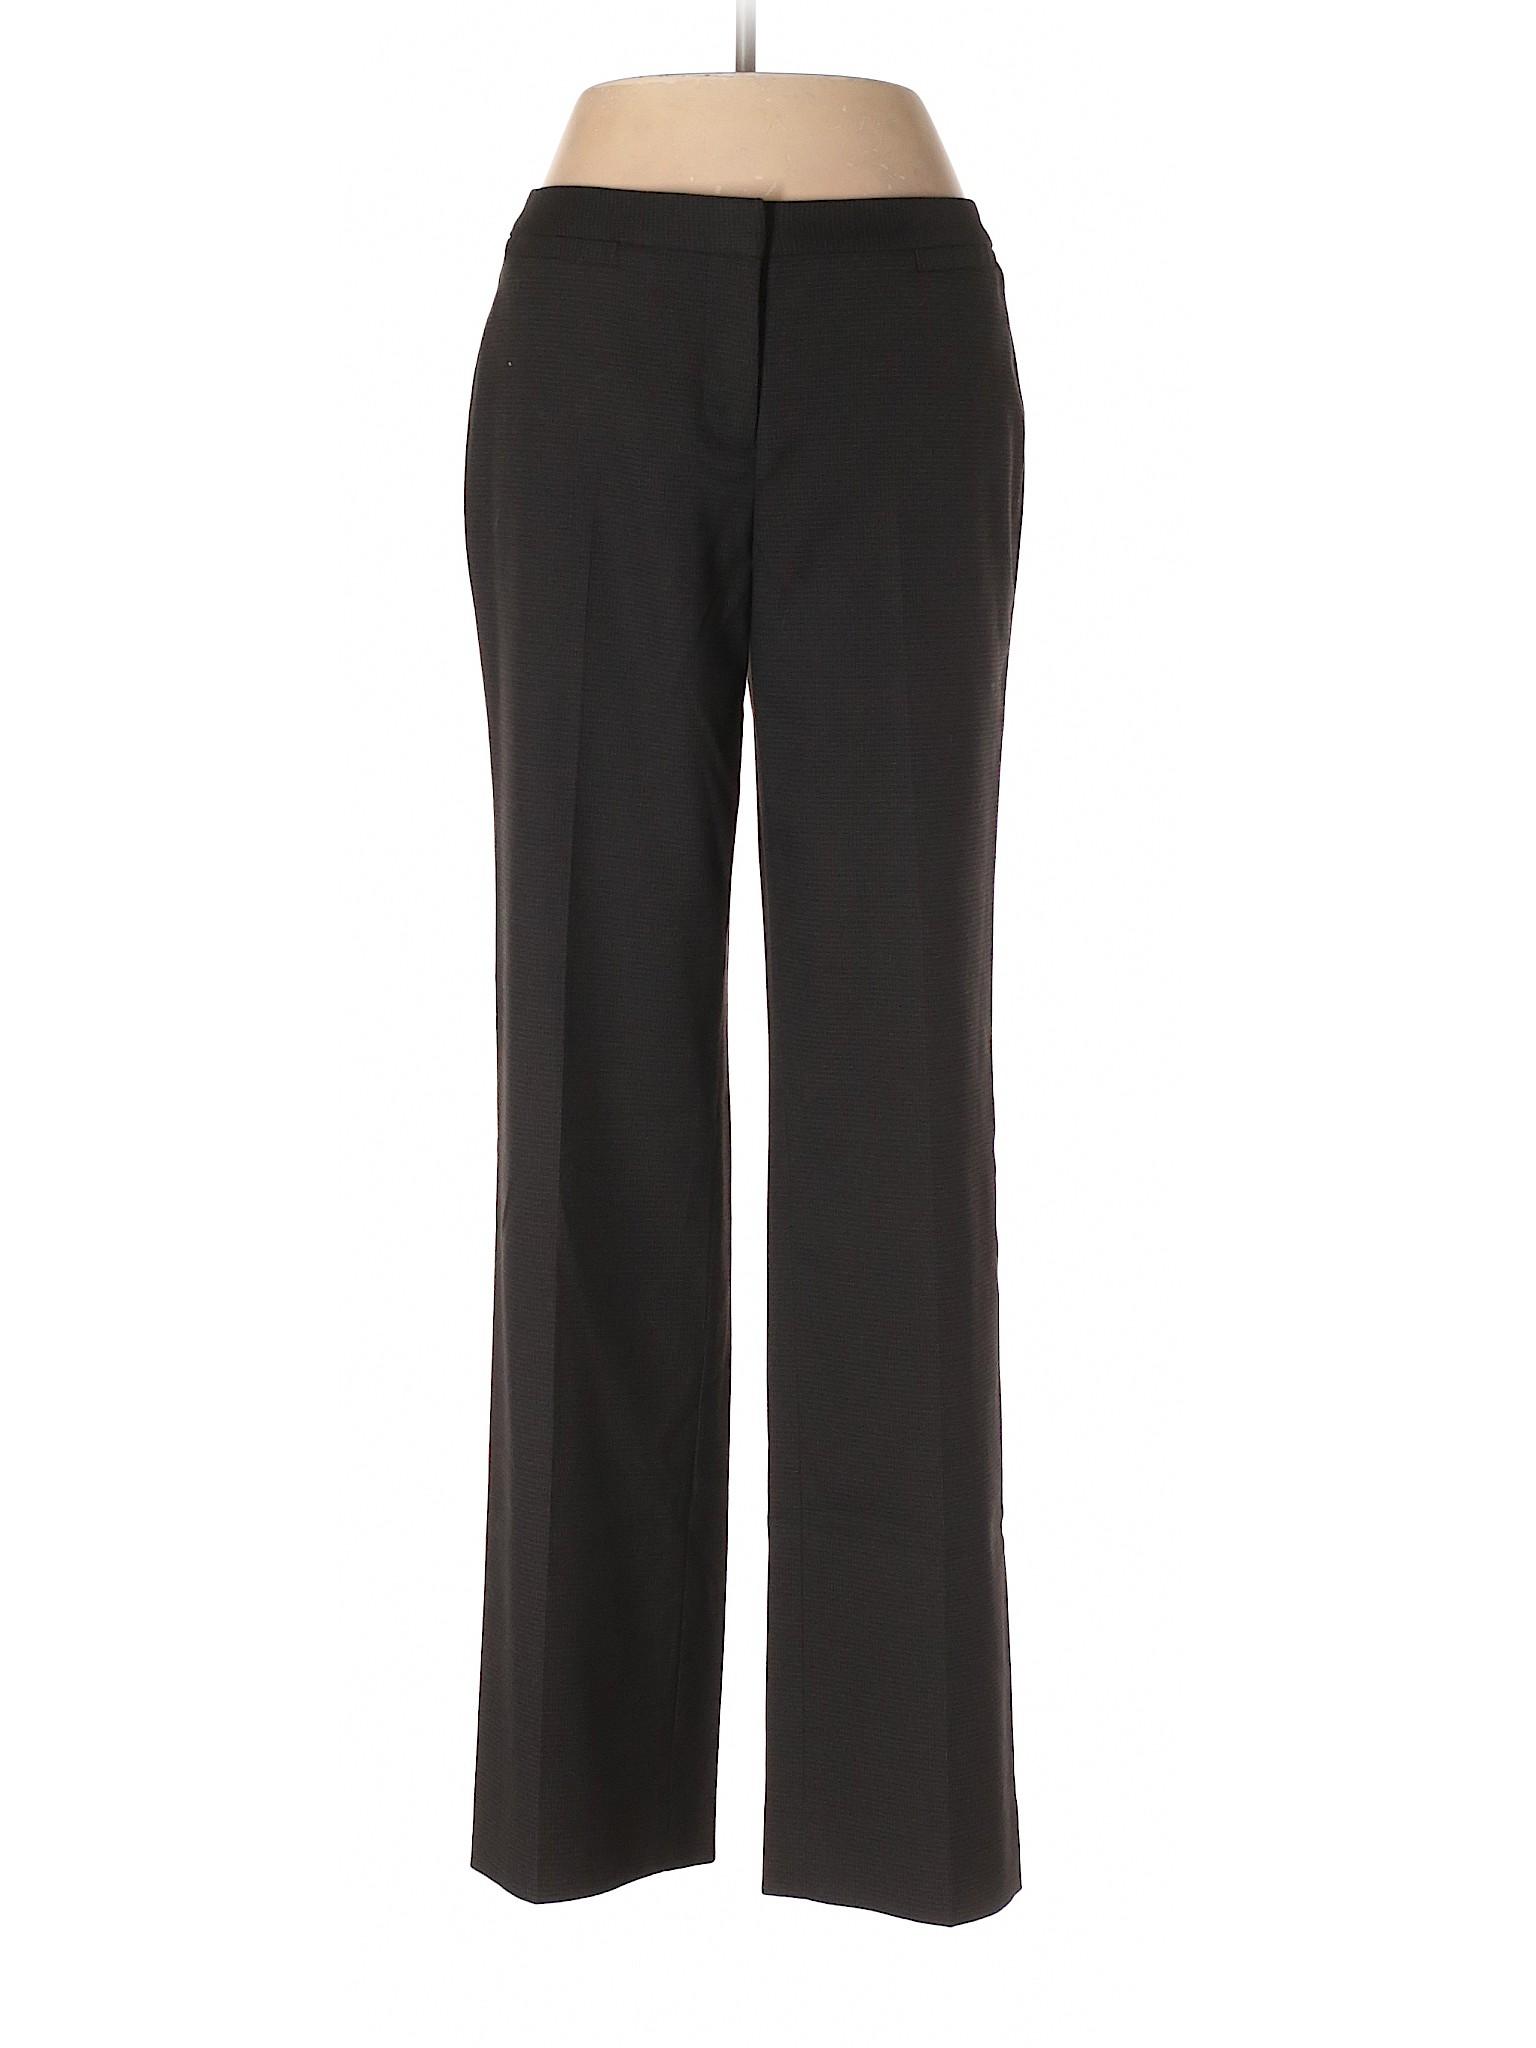 Boutique Boutique Pants Halogen winter winter Dress Halogen winter Pants Boutique Dress qwZ14Fxq